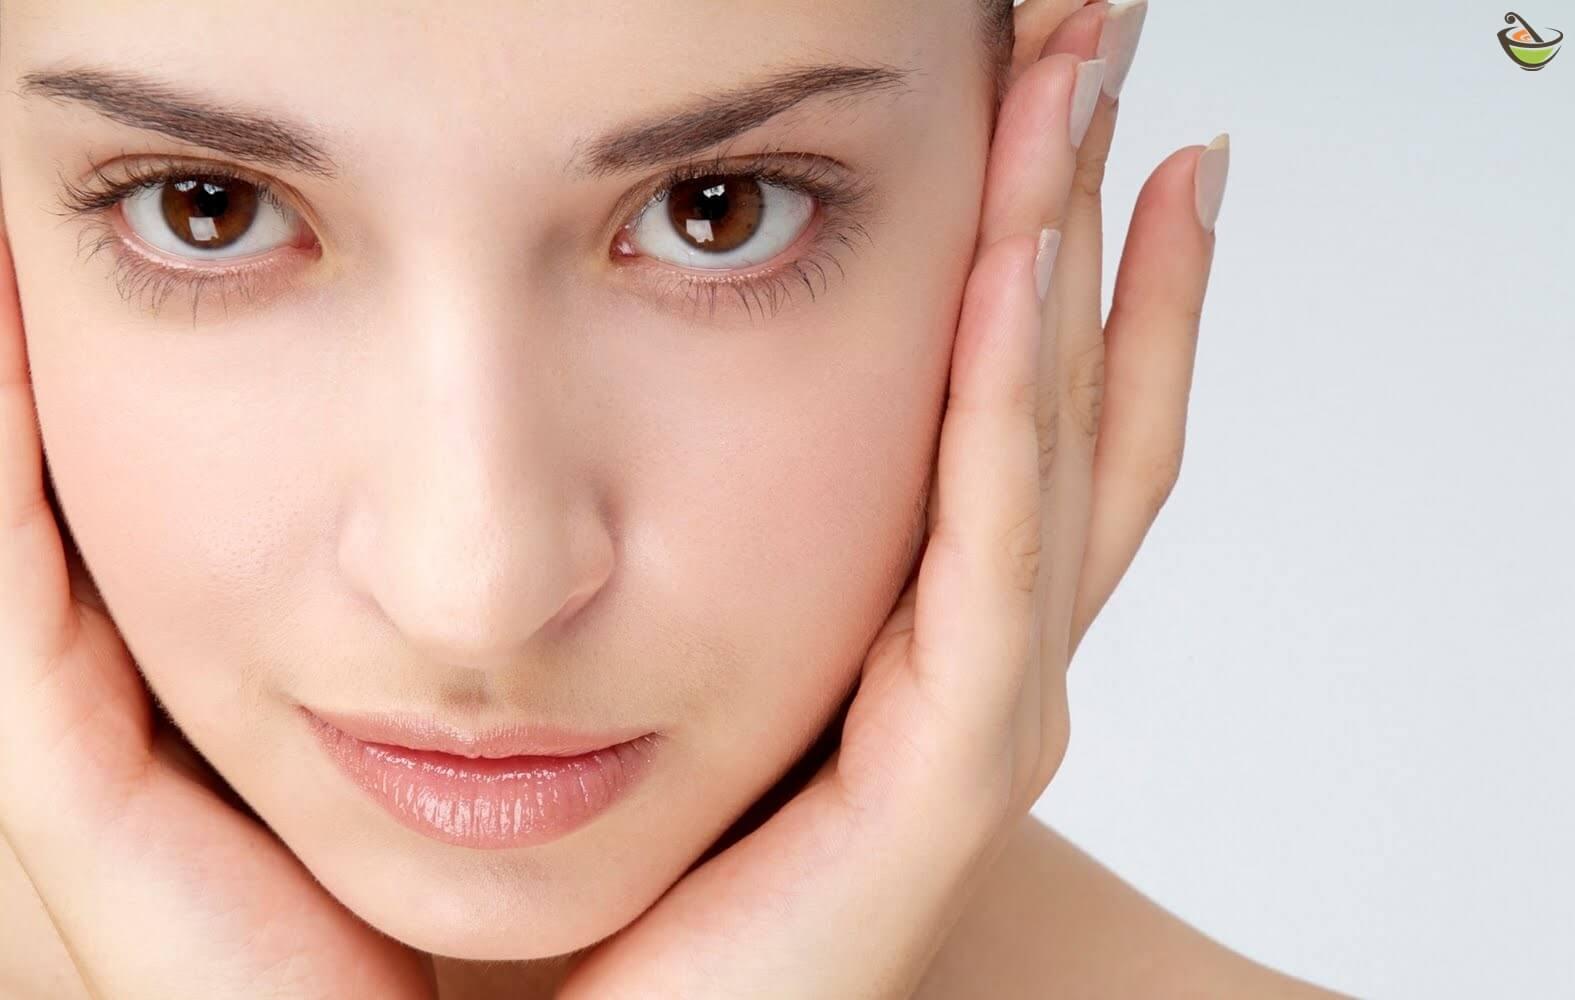 b5bd52cbff754 أفضل خلطات لتفتيح لون البشرة وتبييض الوجه بشكل سريع وفعال وهي تحتوي على  مكونات طبيعي سهل